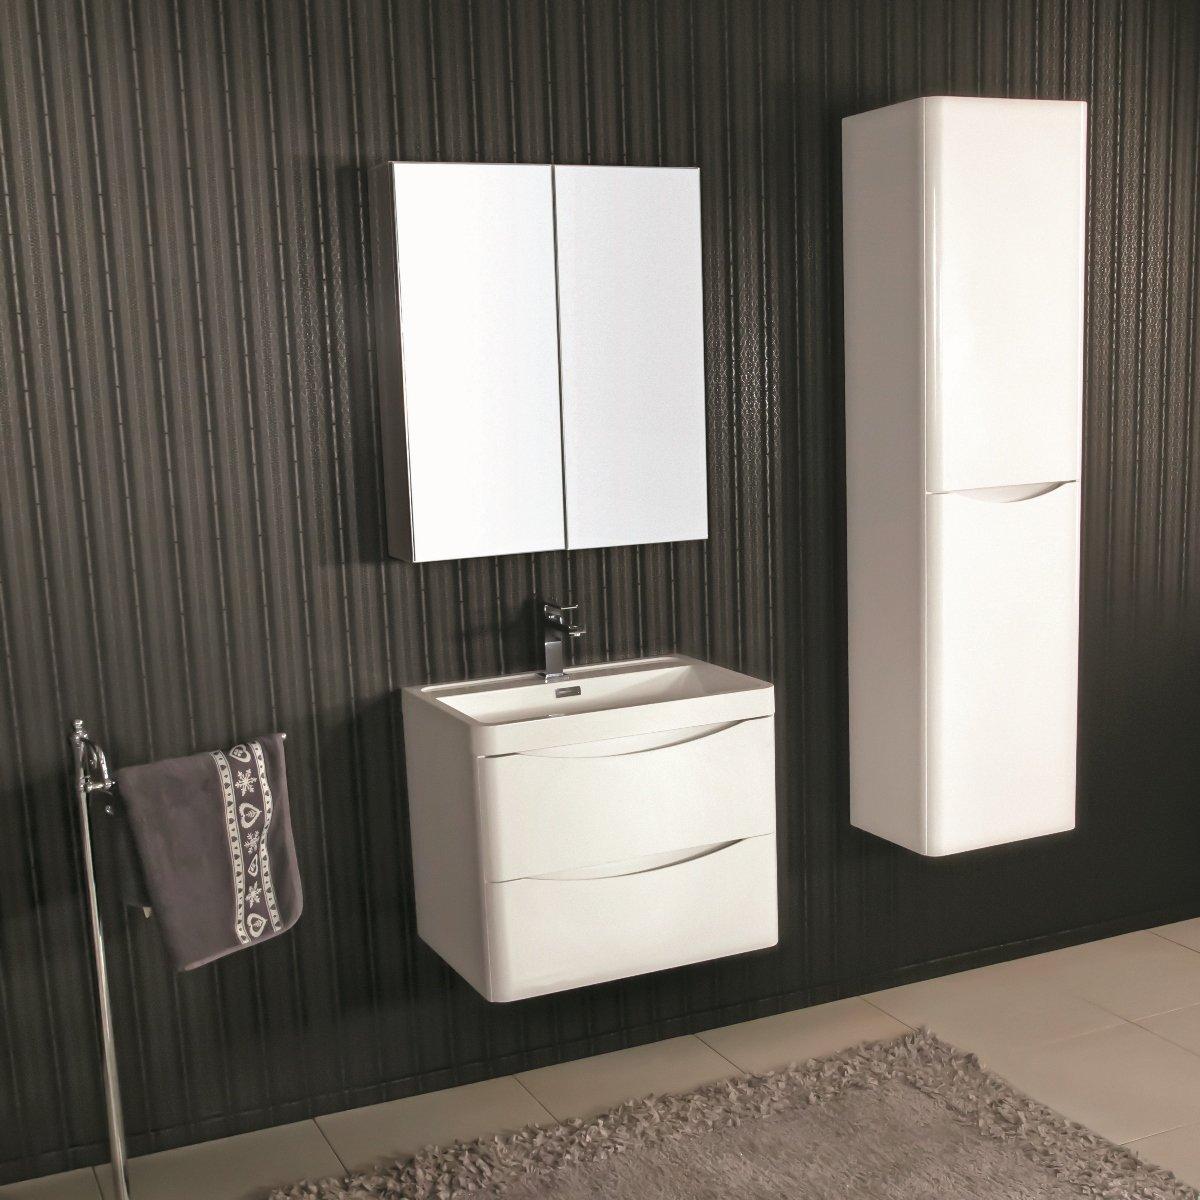 Mobile bagno sospeso moderno 60 cm con lavabo colonna e - Mobile bagno moderno economico ...